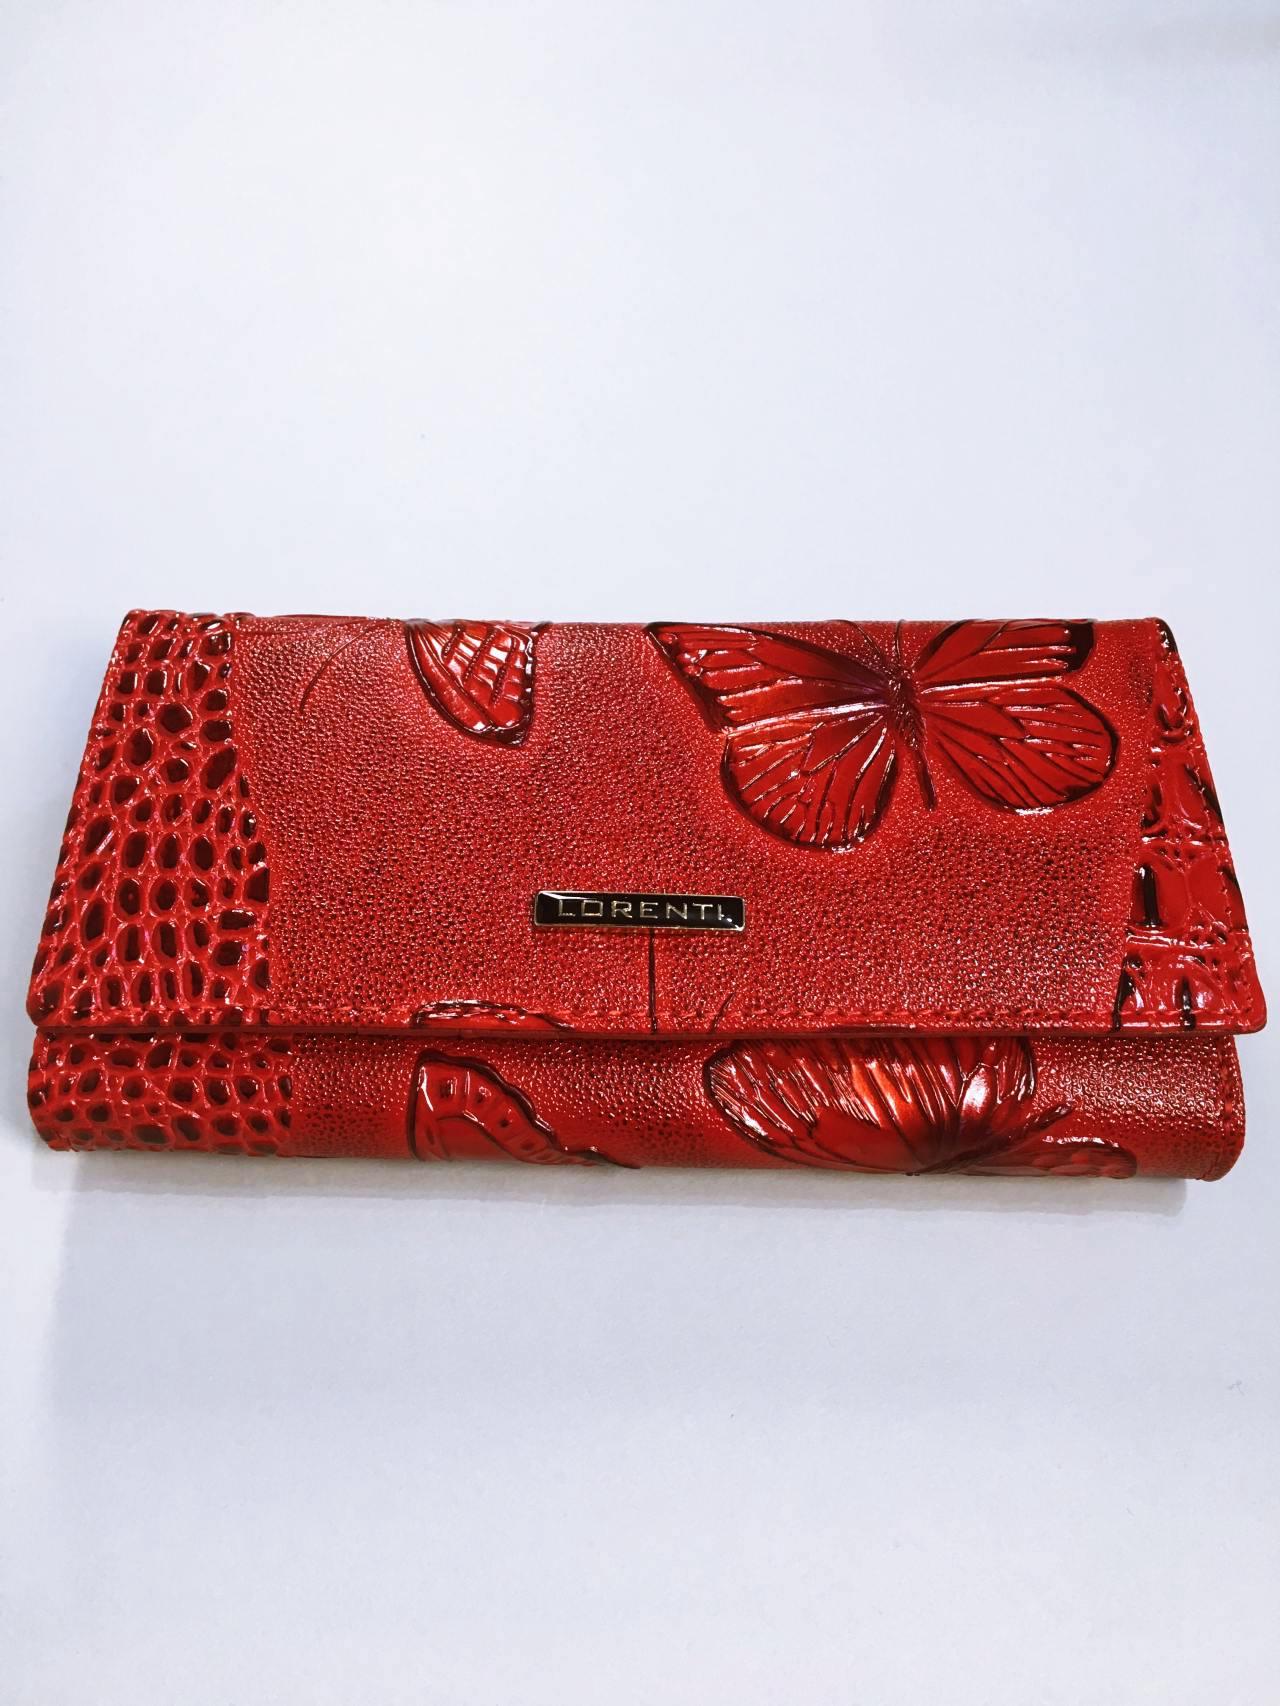 Kožená peněženka Lorenti červená 01